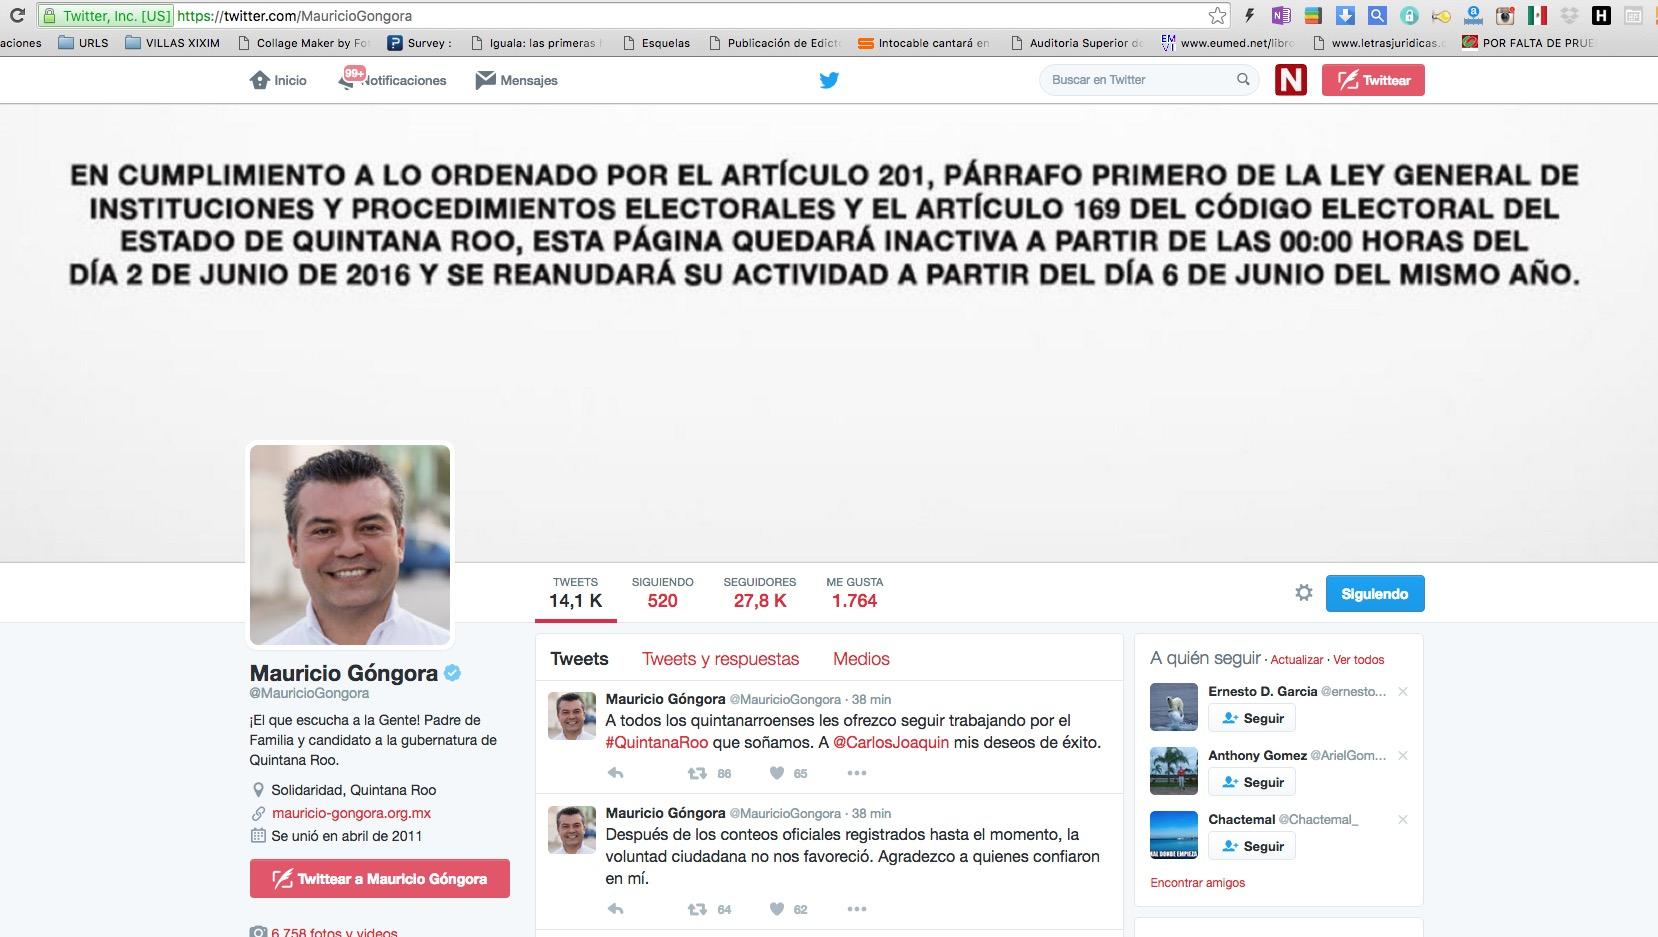 """""""LA VOLUNTAD CIUDADANA NO NOS FAVORECIÓ"""": Mauricio admite su derrota, luego de que ayer se proclamó ganador sin resultados; le desea 'exito' a Carlos"""